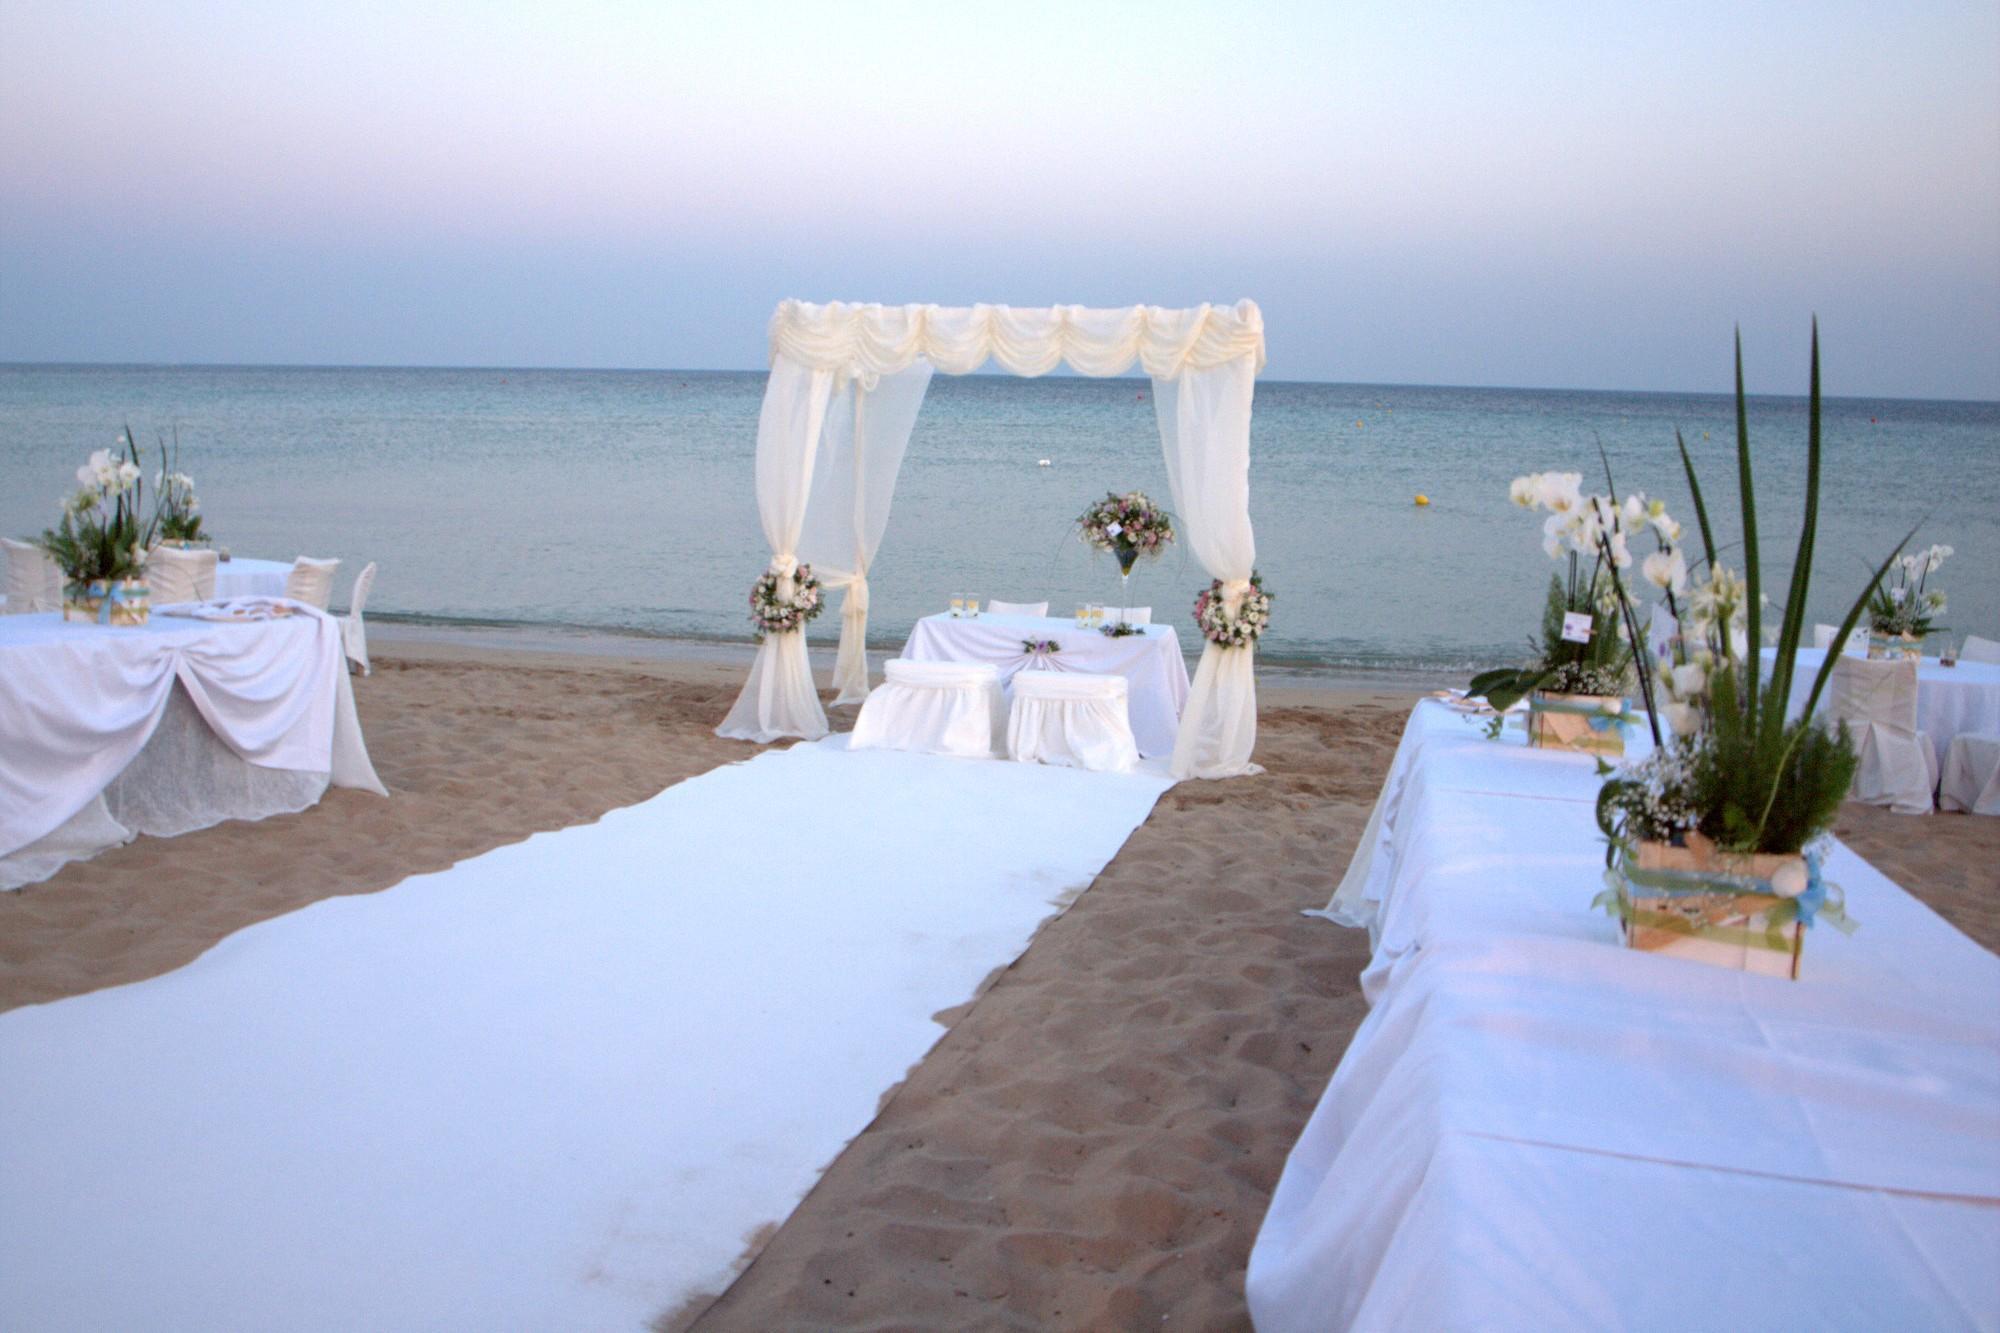 Matrimonio Spiaggia Campania : Mondragone dà il via ai matrimoni in spiaggia clarus